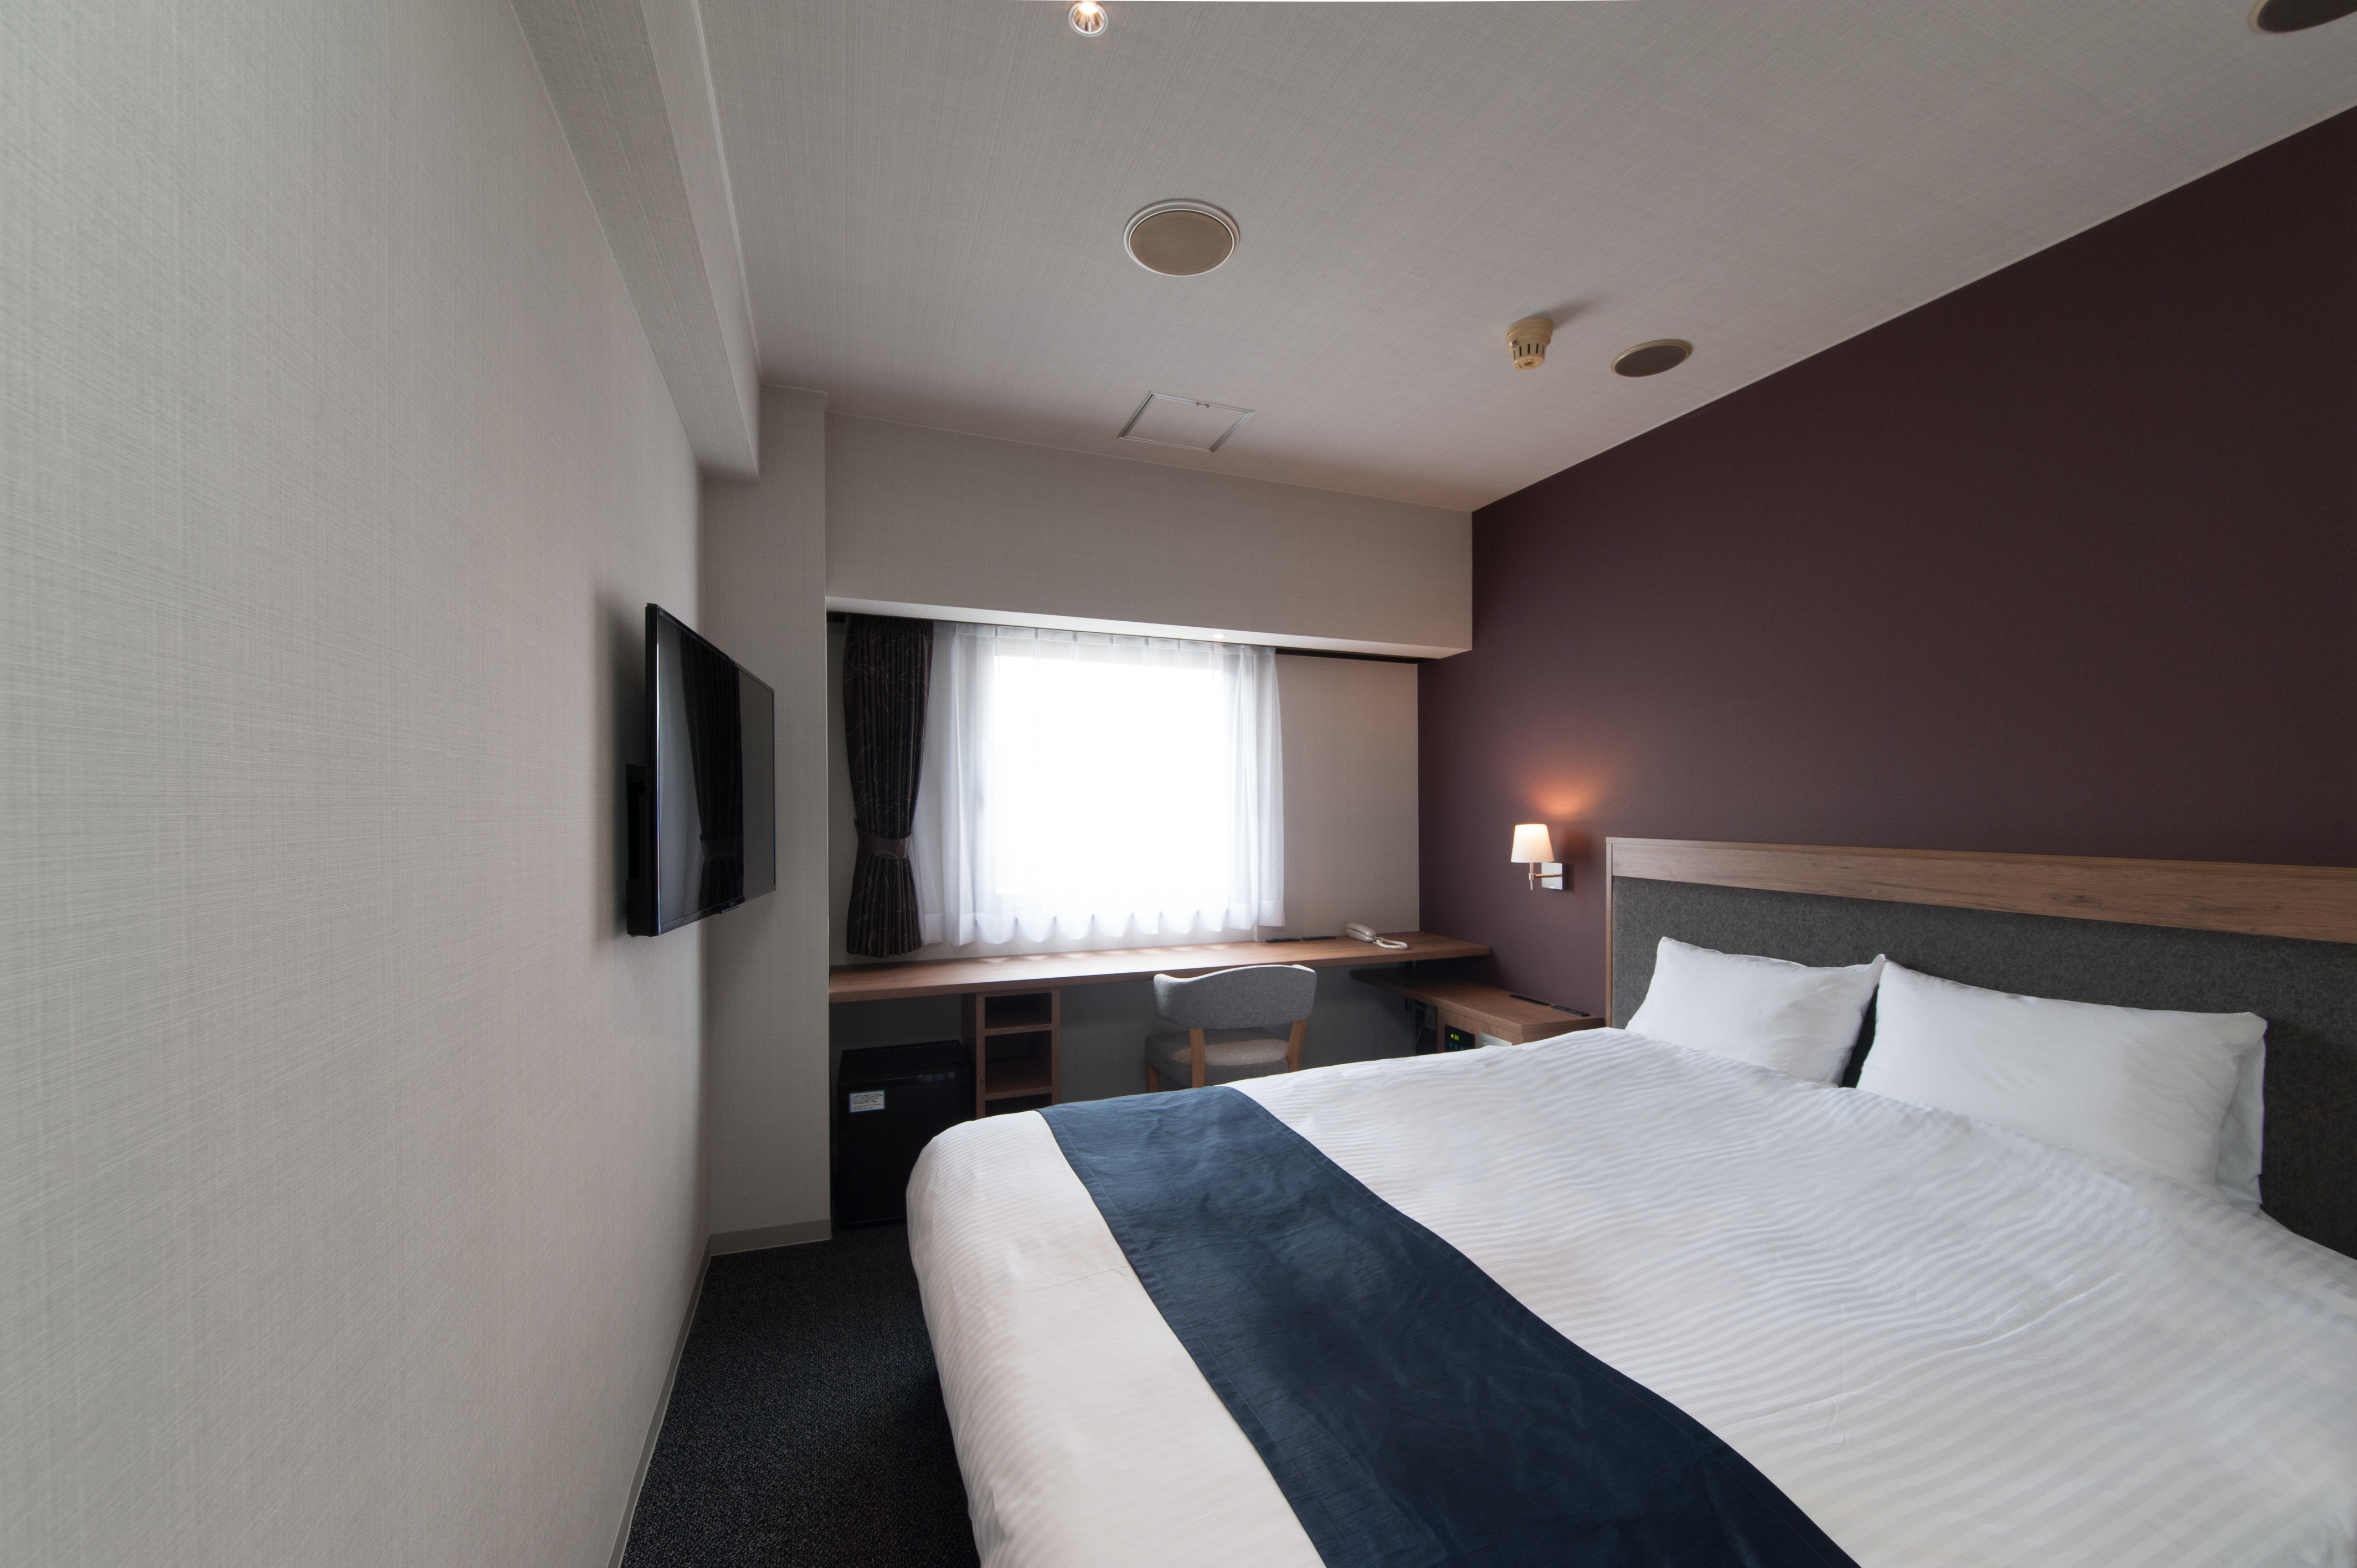 1bed room(Queen bed160cm)